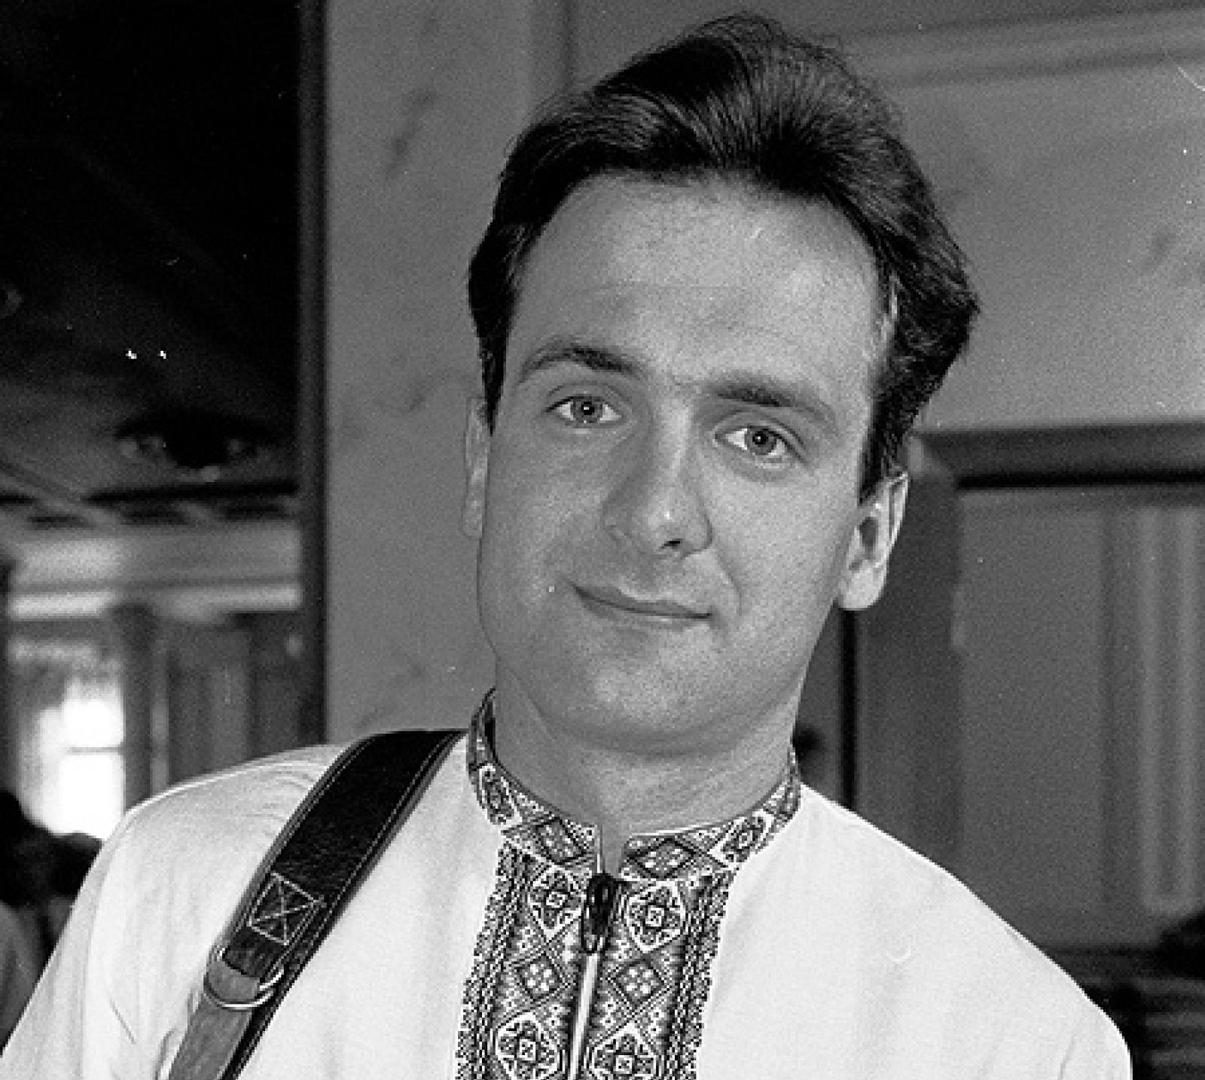 Украинский журналист Геогрий Гонгадзе, убитый в 2000 году. Фото из архива.